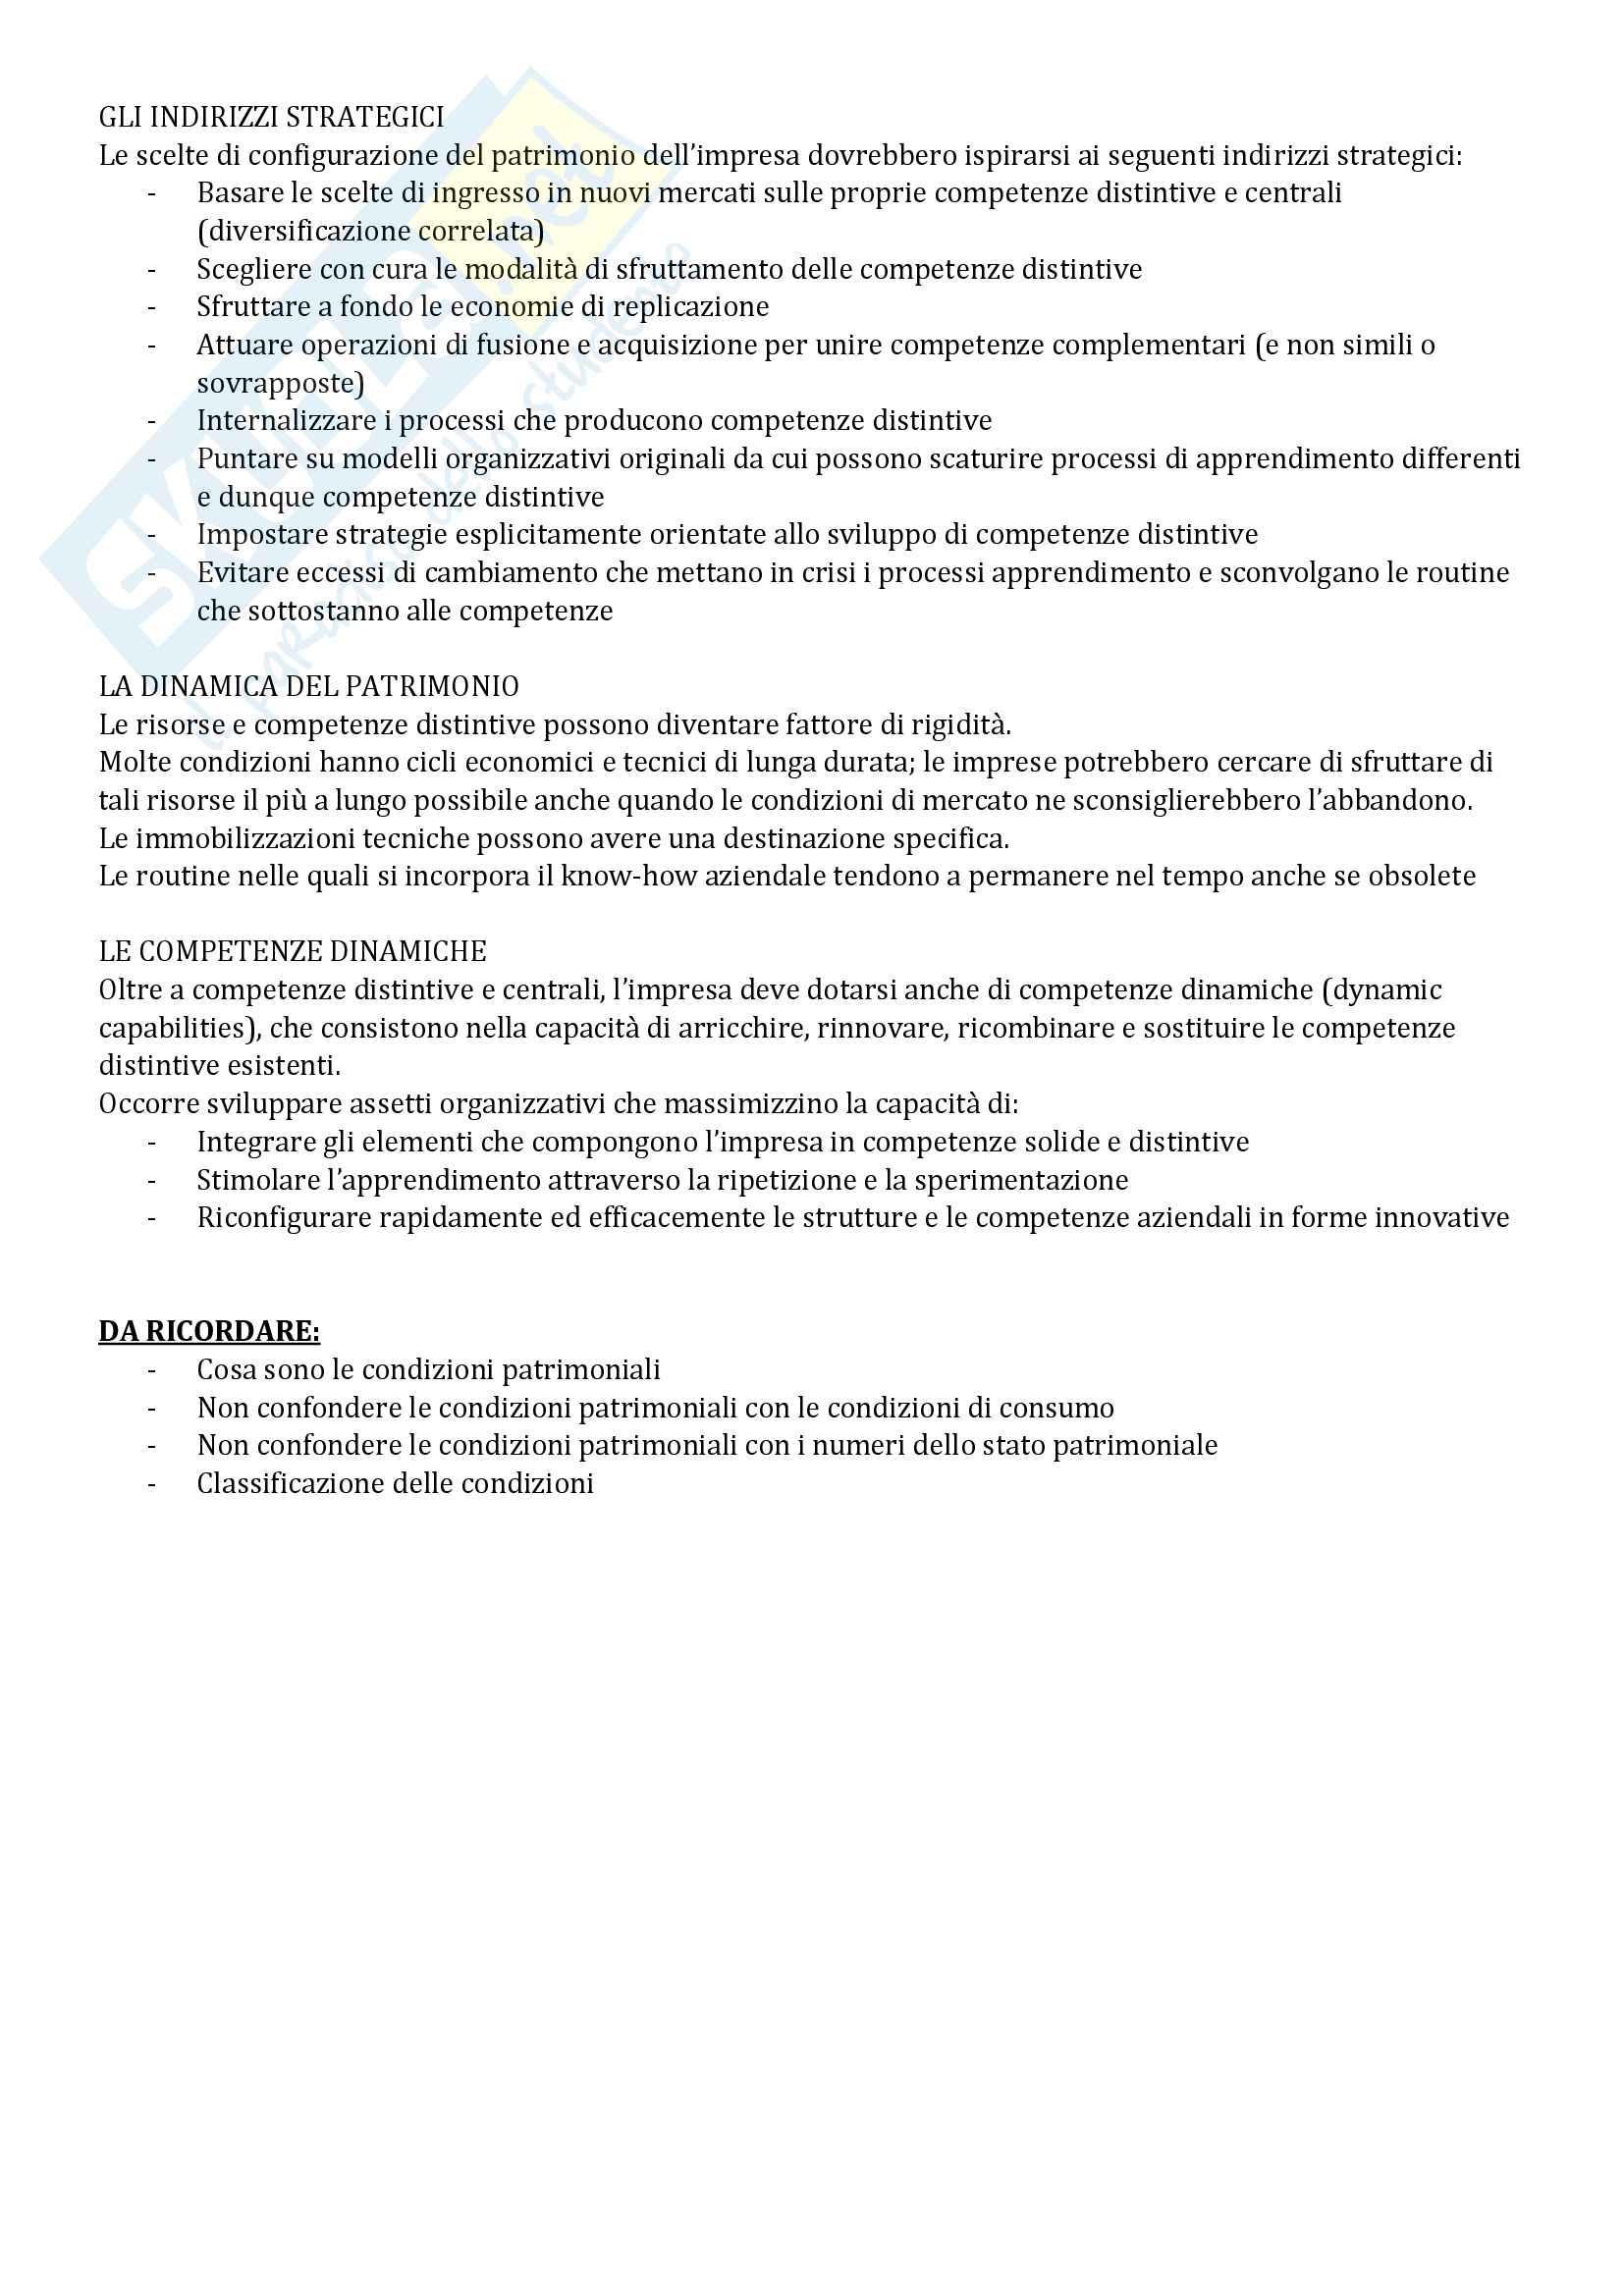 Riassunto esame Economia Aziendale, libro consigliato Corso di Economia Aziendale. ABC: Airoldi, Brunetti e Coda, Il Mulino Pag. 46